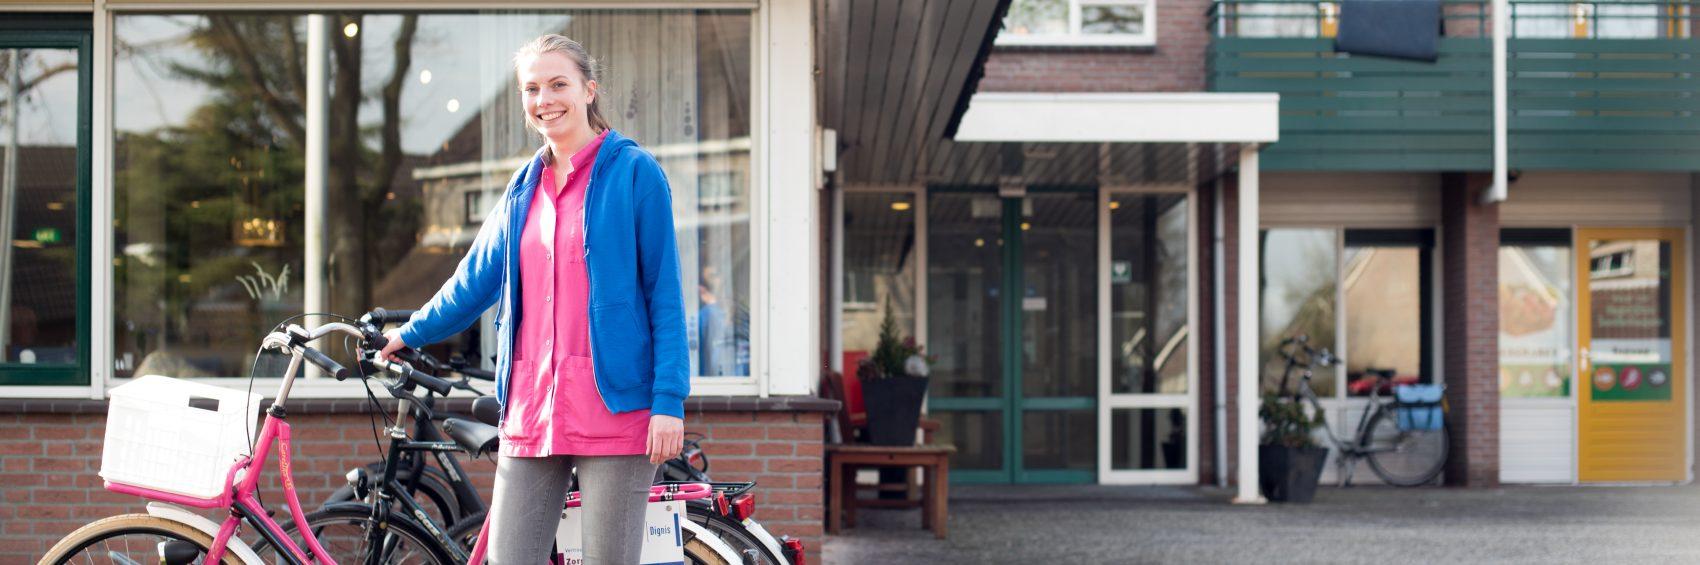 Zorg Thuis medewerkster bij fiets